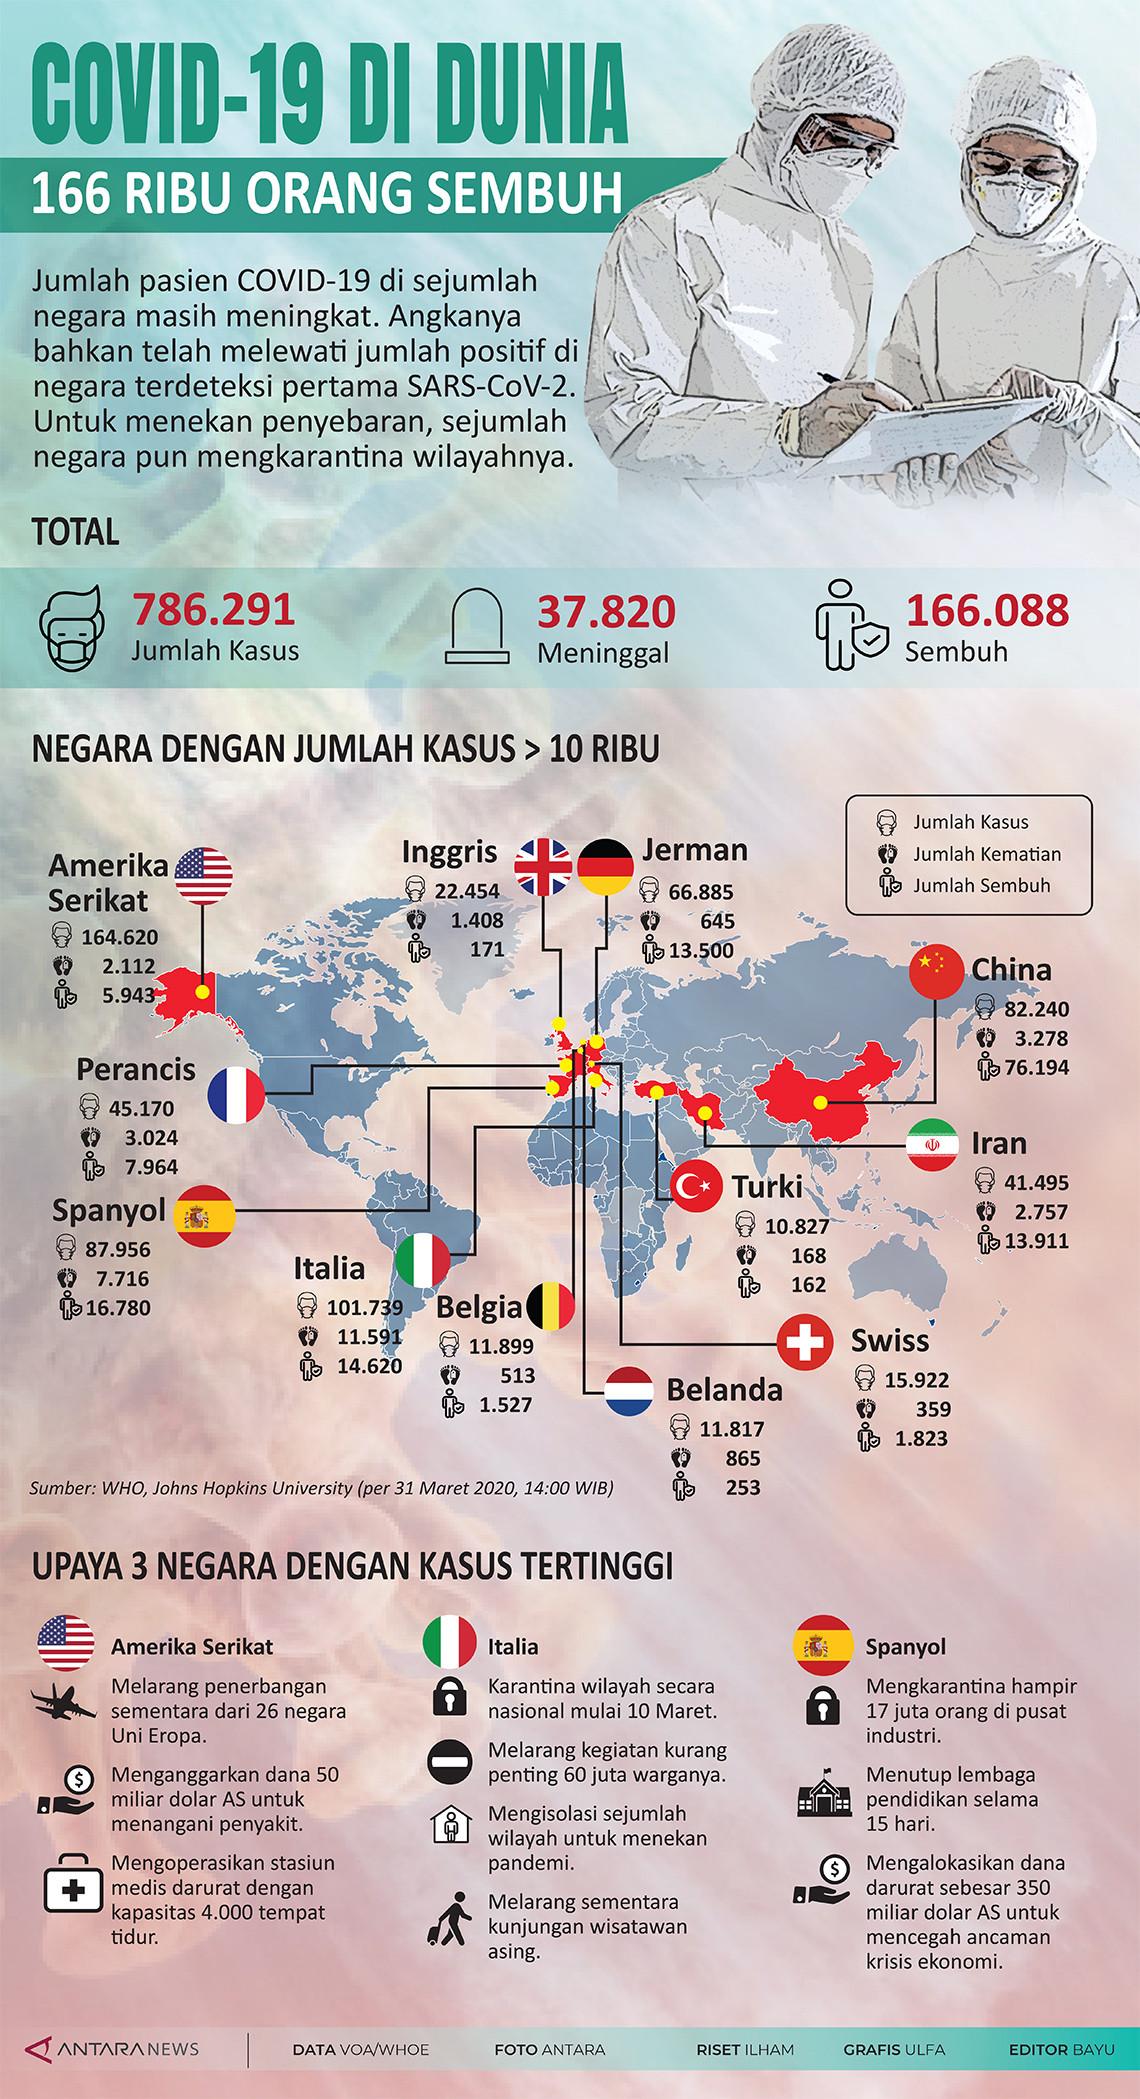 COVID-19 di dunia, 166 ribu orang sembuh